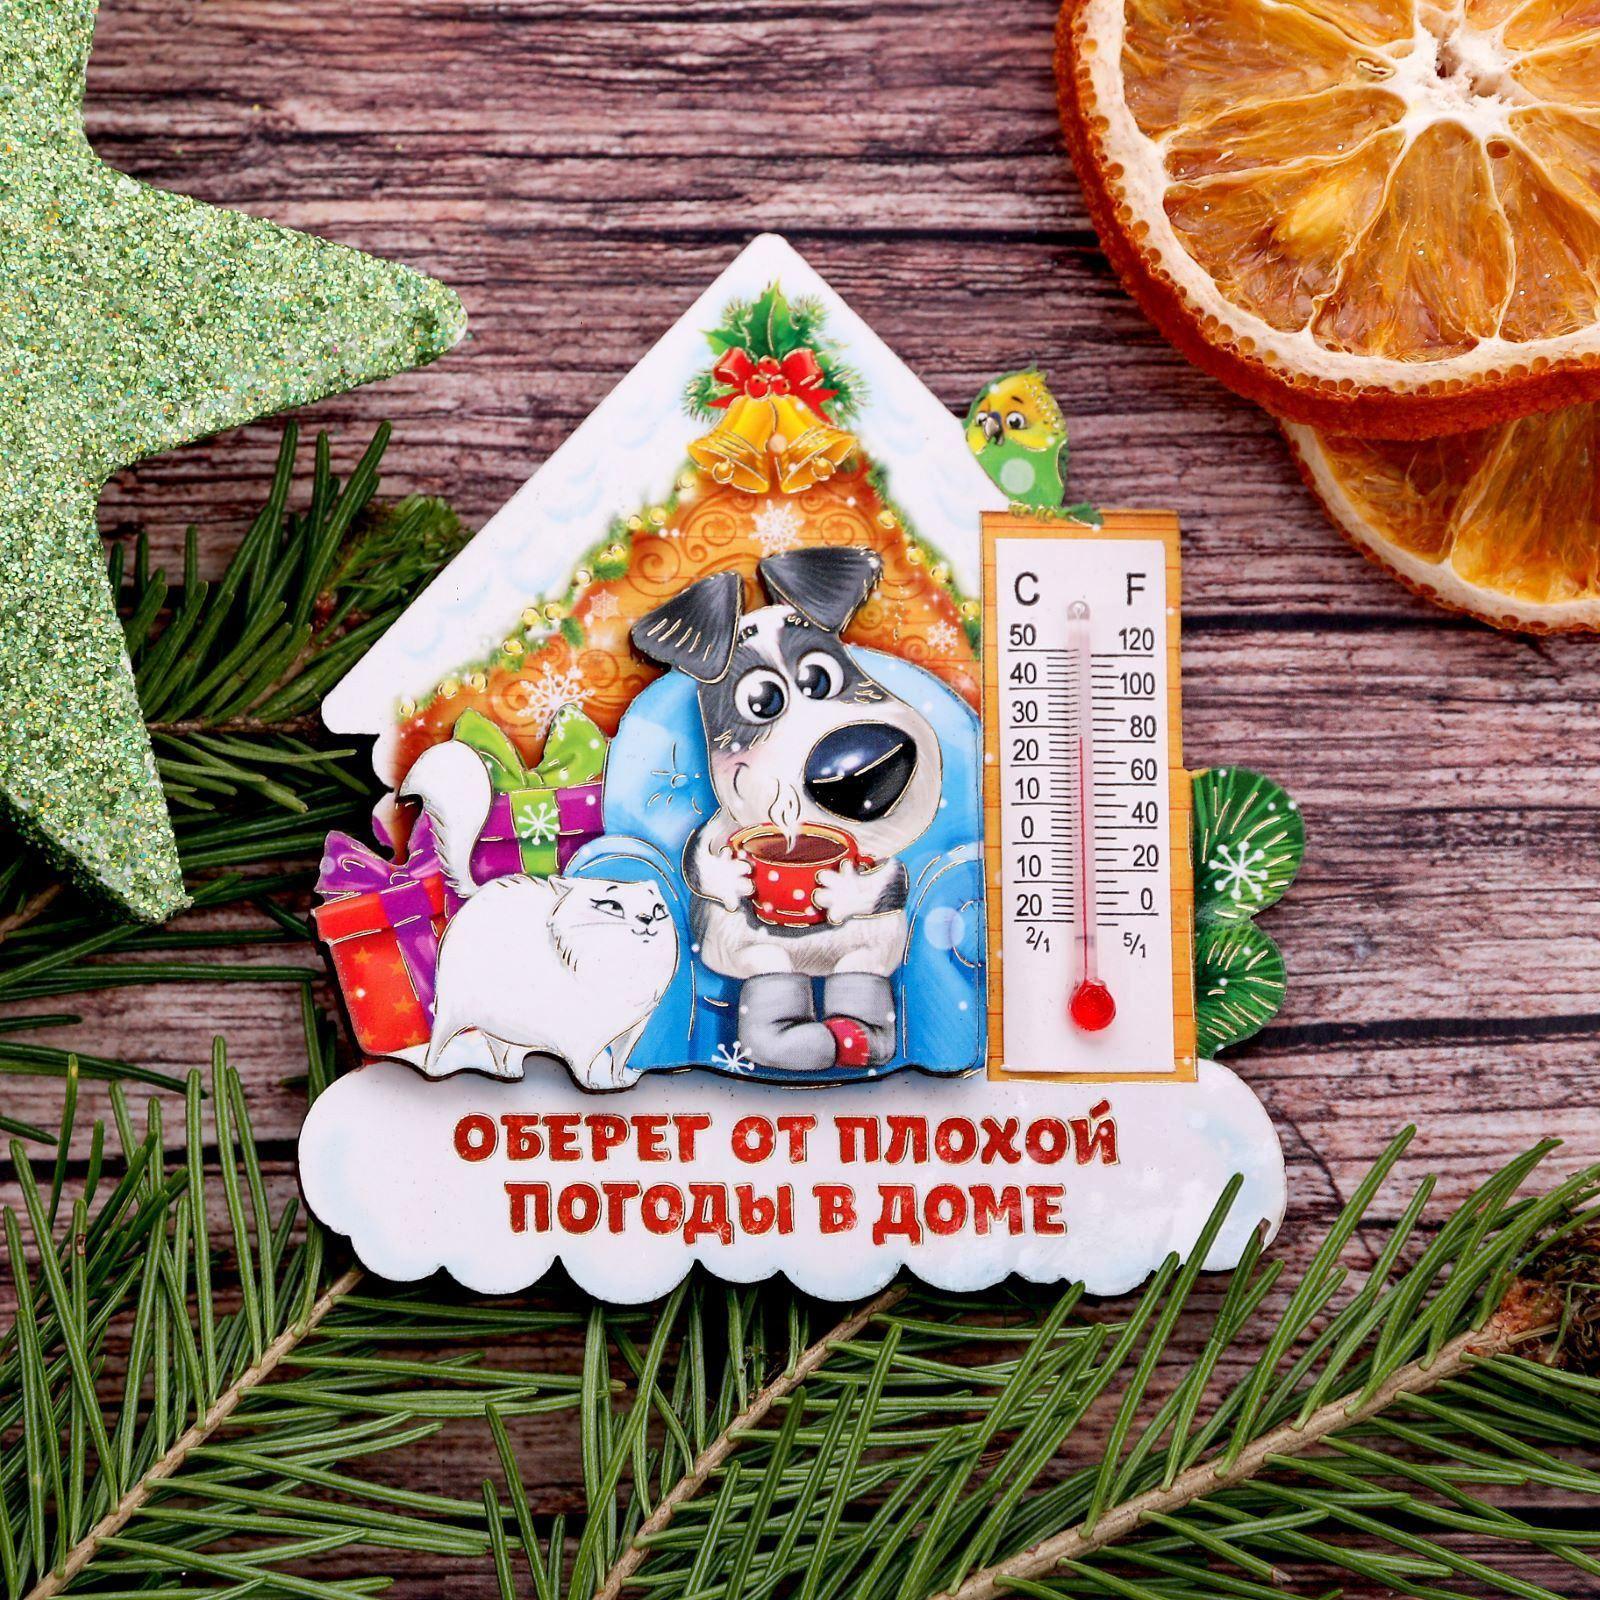 Магнит Sima-land Оберег от плохой погоды в доме, с термометром, 8,2 х 8,9 см1982800Порадуйте родных и близких оригинальным сувениром: преподнесите в подарок магнит. С ним даже самый серьёзный человек почувствует себя ребёнком, ожидающим чудо! Создайте праздничное настроение, и оно останется с вами на весь год.